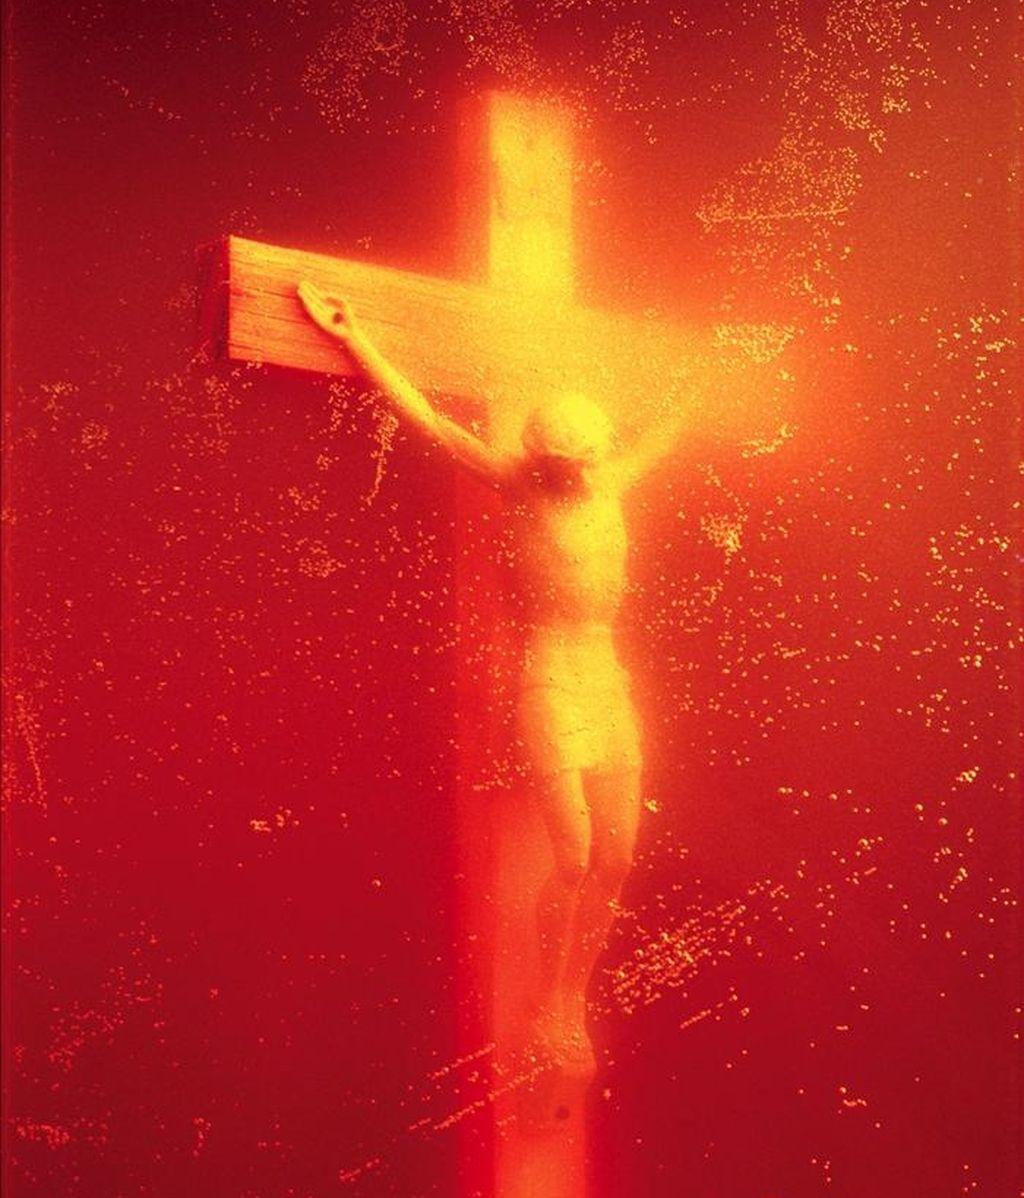 Fotografía facilitada por la Fundación Yvonn Lambert del Museo de Arte Contemporáneo en Avignon (Francia) que muestra la fotografía de un crucifijo sumergido en un bote de orina del fotógrafo estadounidense Andres Serrano. EFE